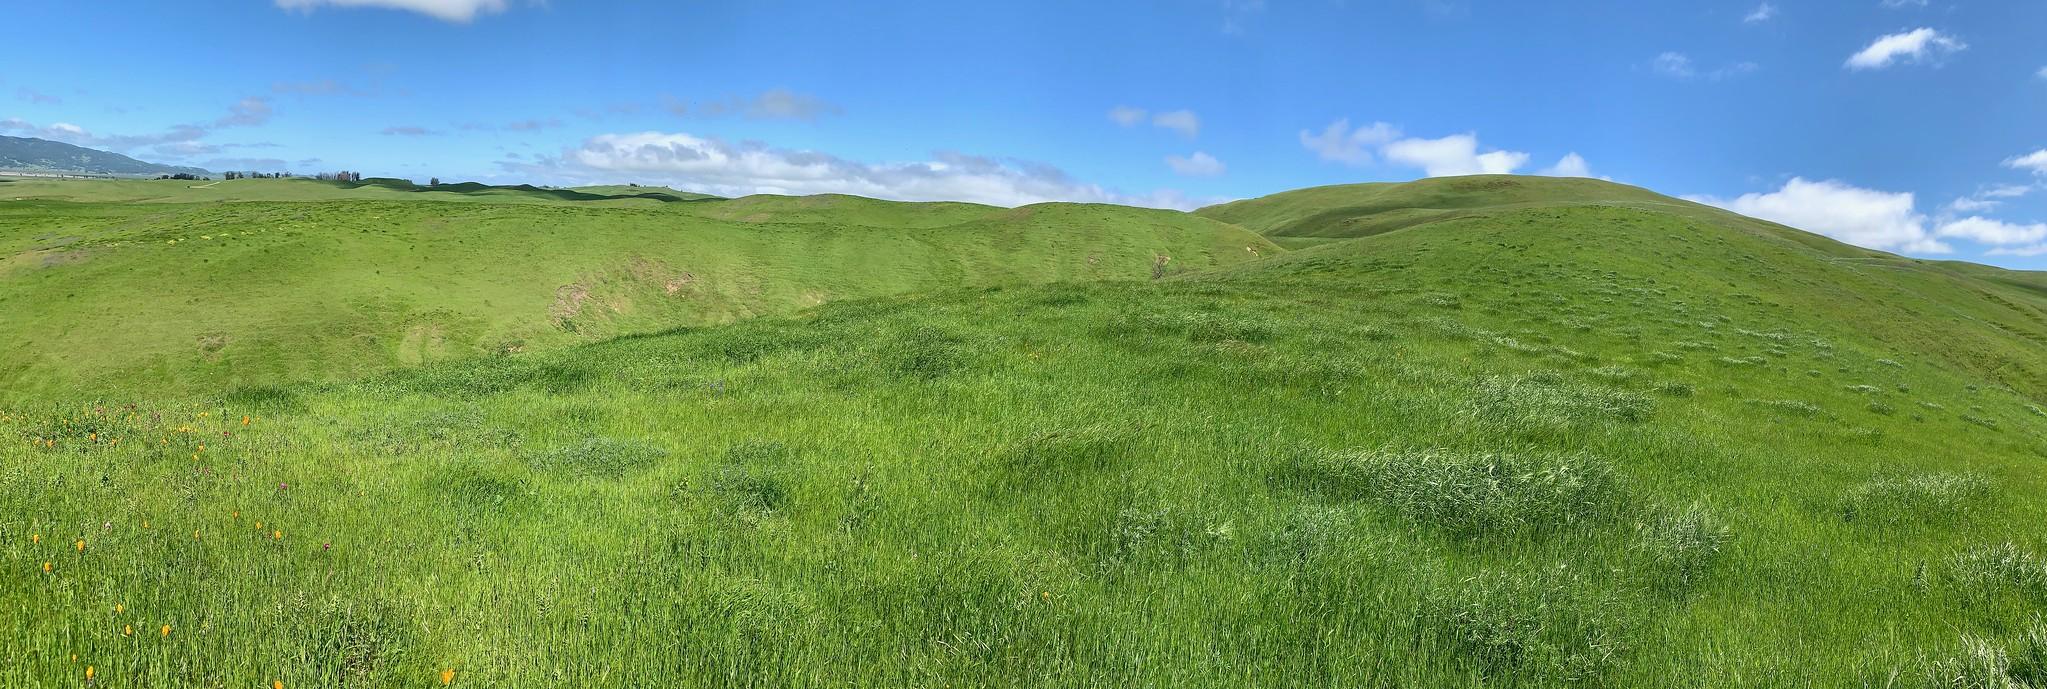 hillside panoroma